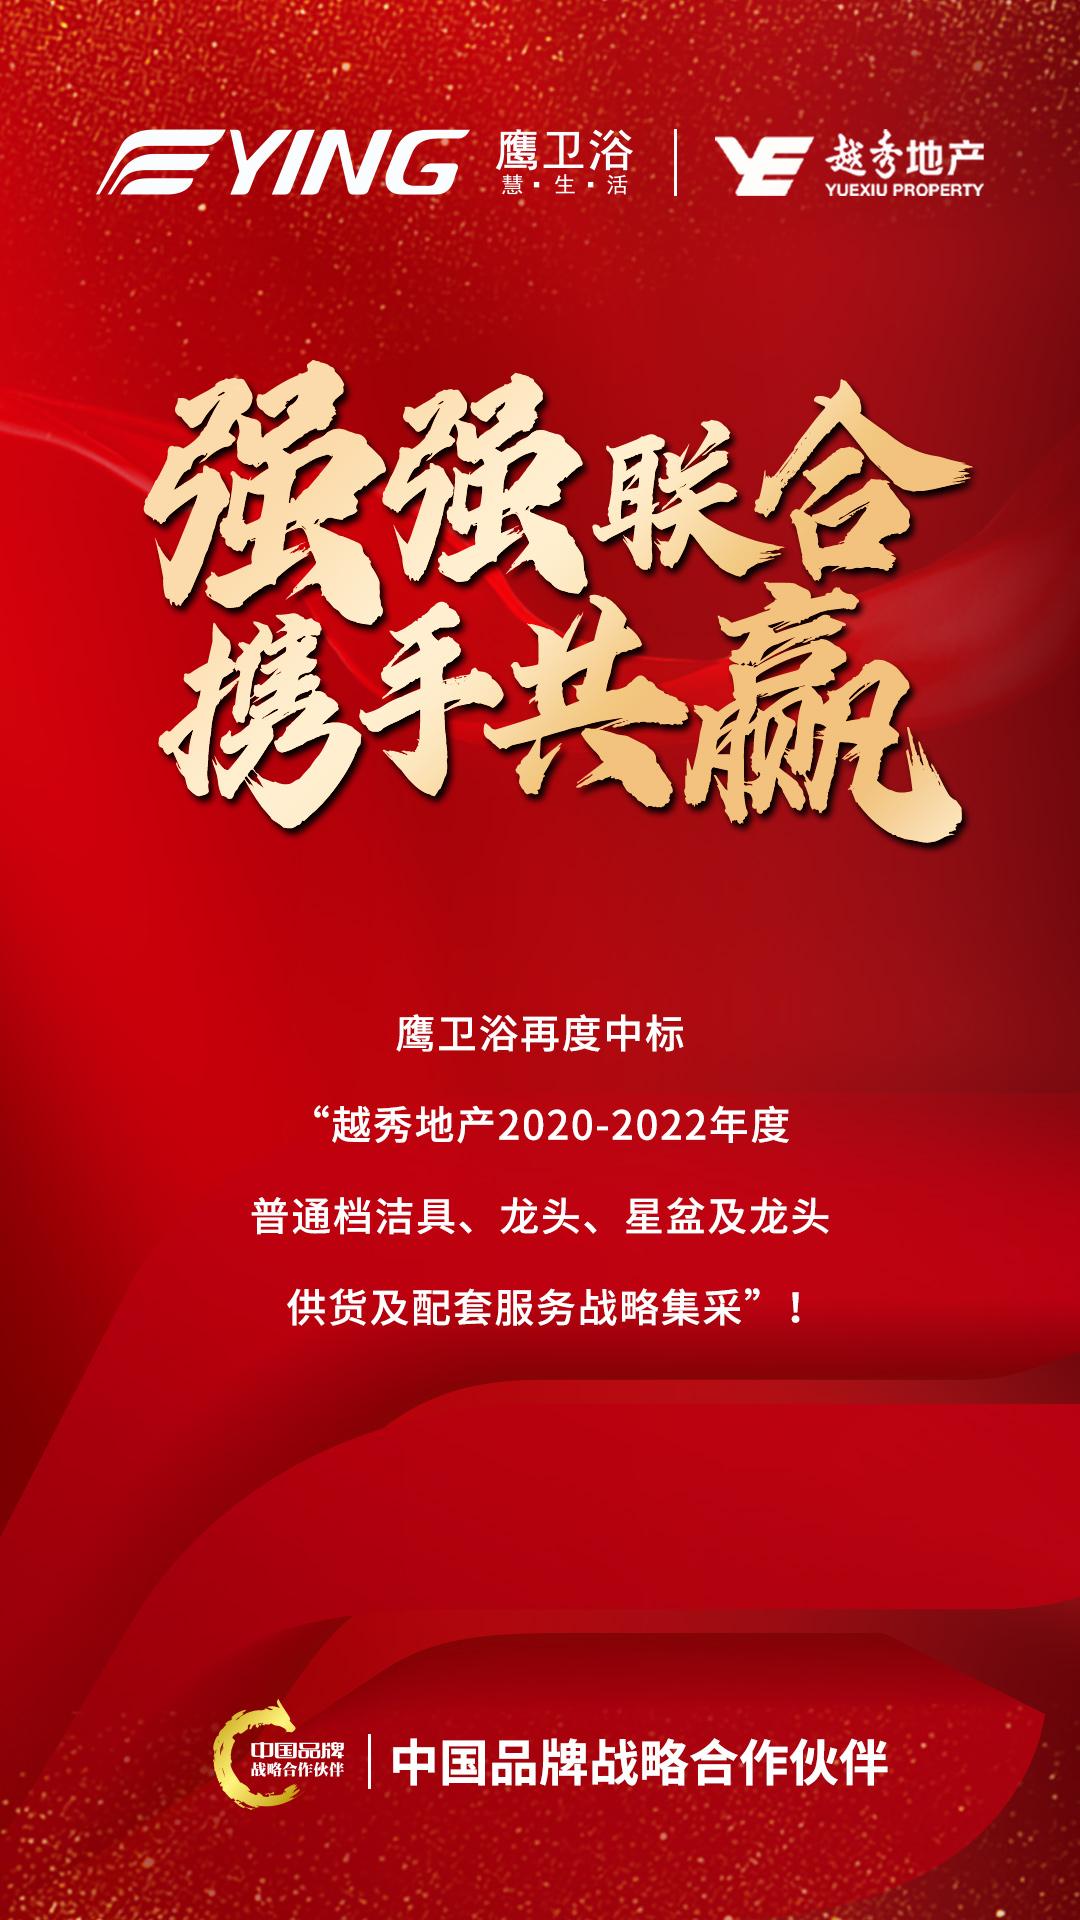 2021开门红 | 鹰卫浴&越秀地产再度达成战略合作